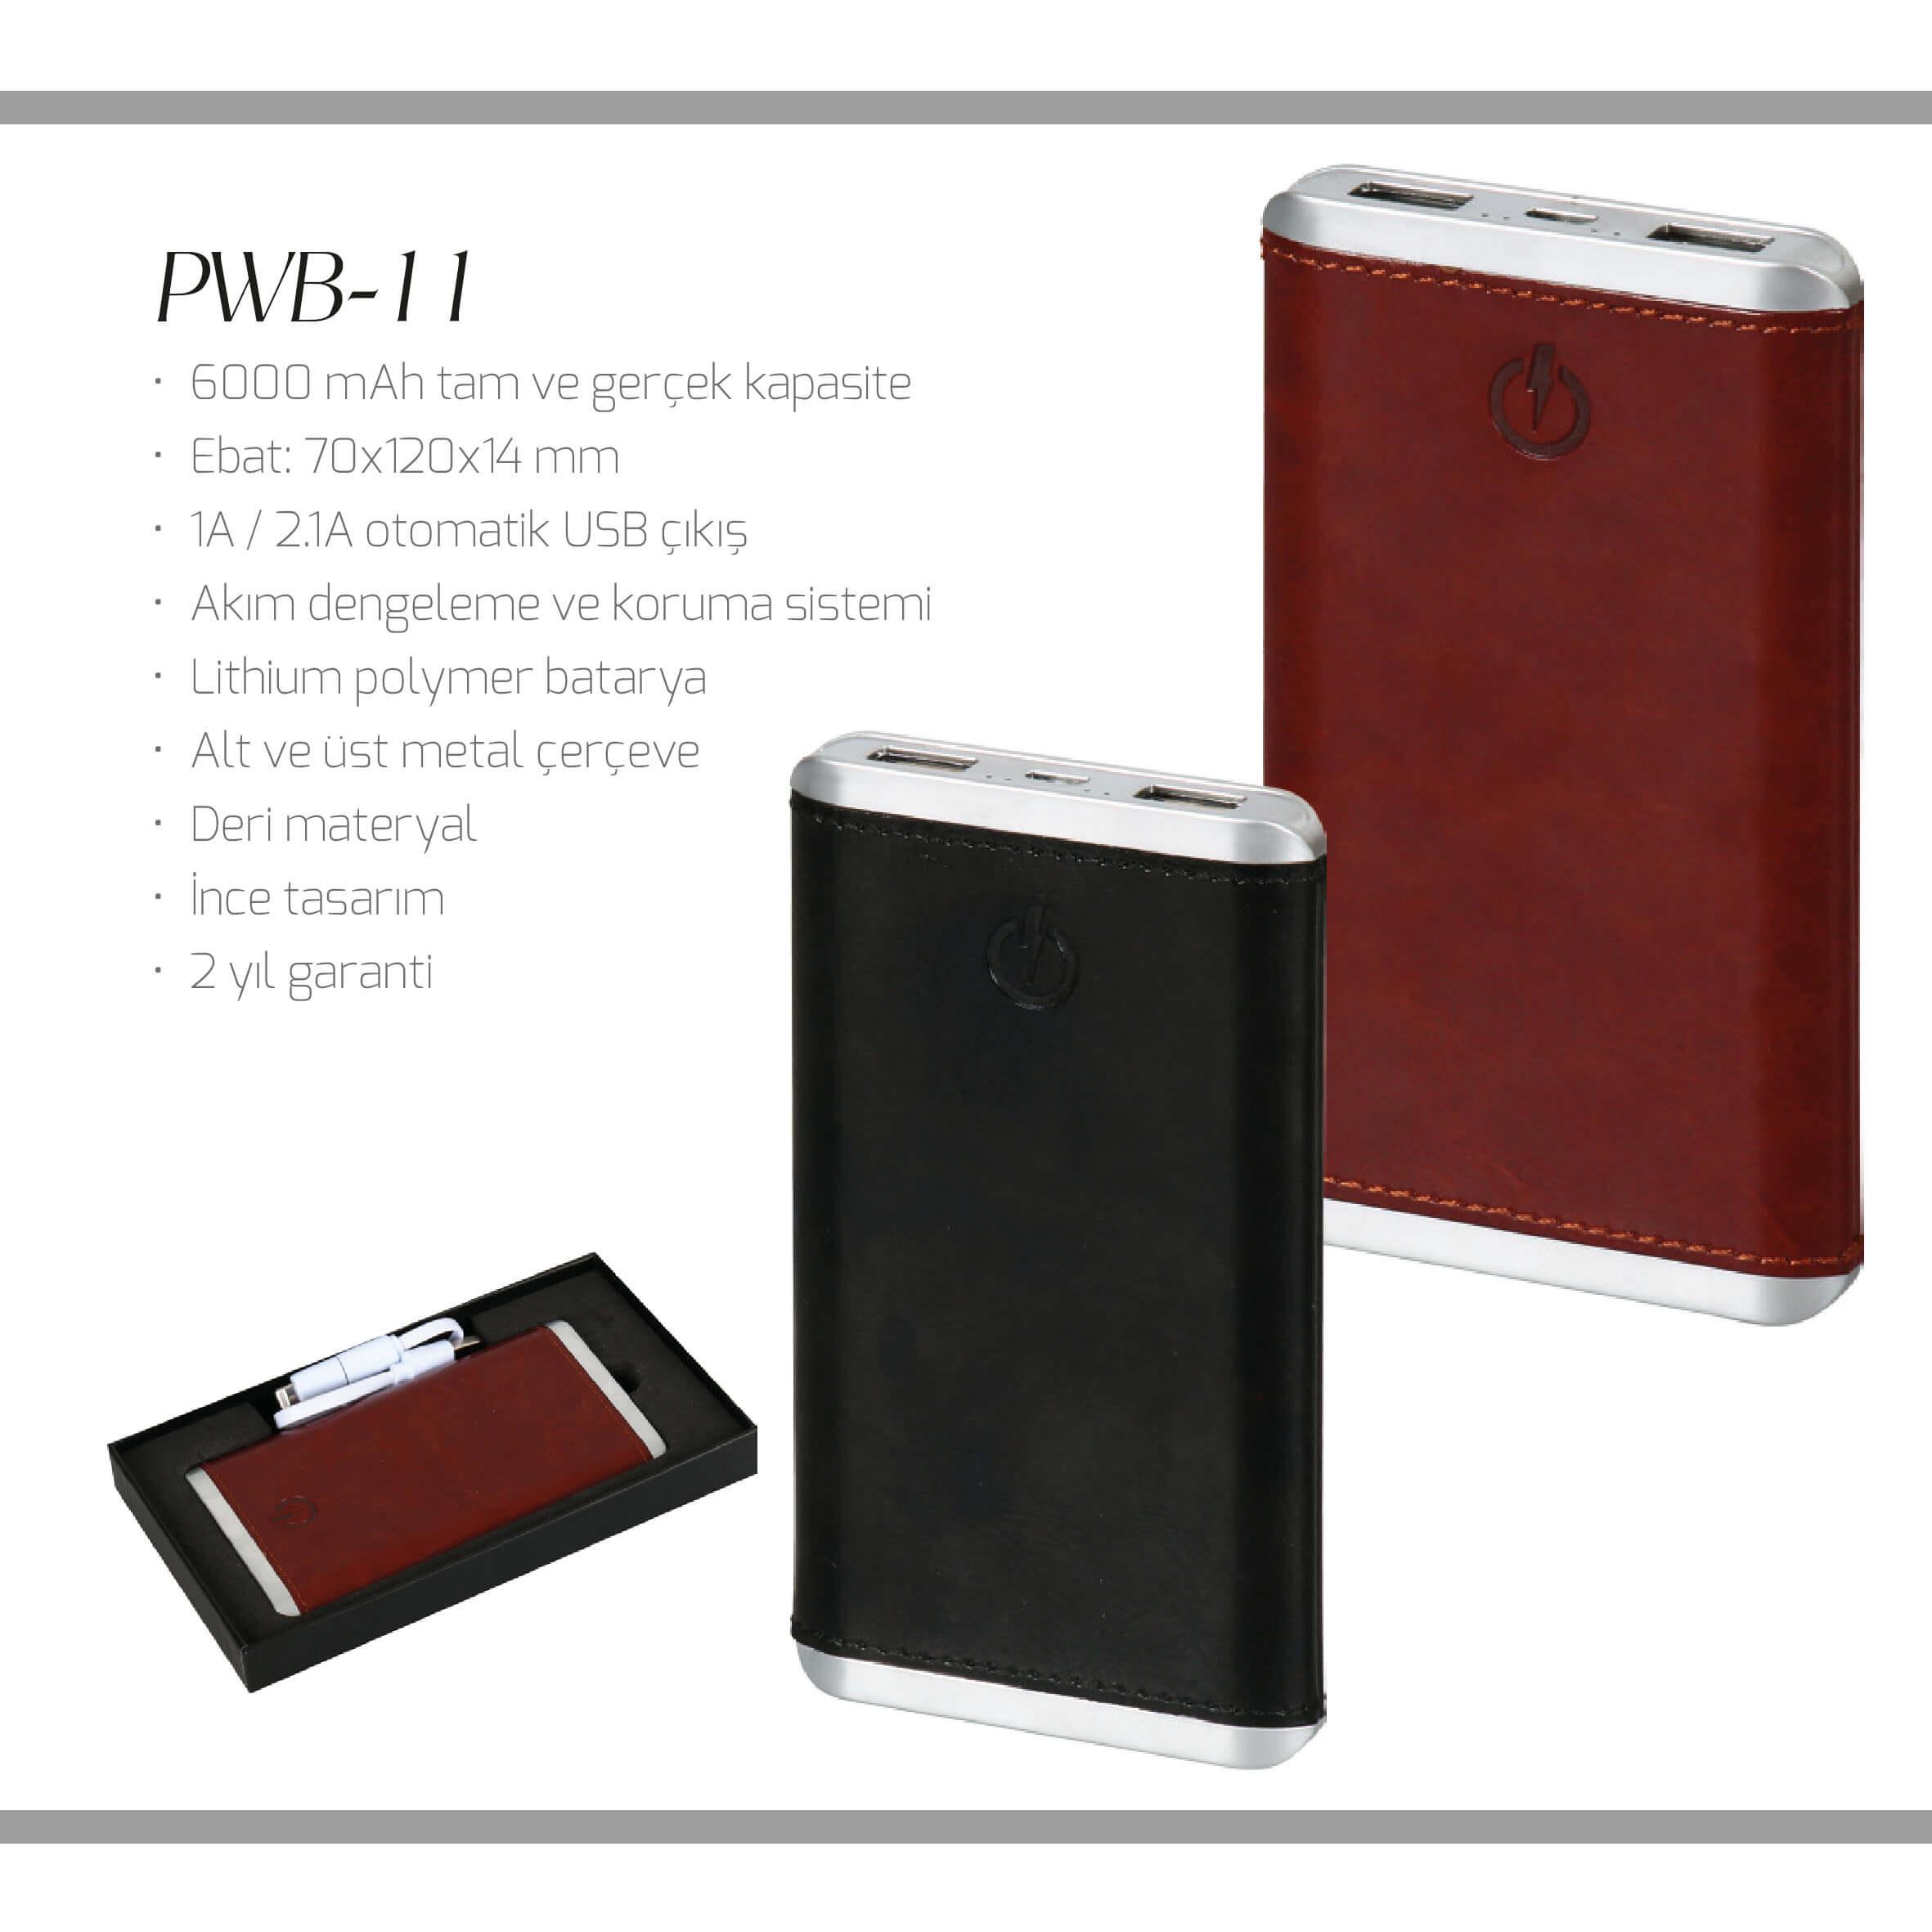 promosyon-promosyon ürünleri-powerbank-promosyon pwb-11